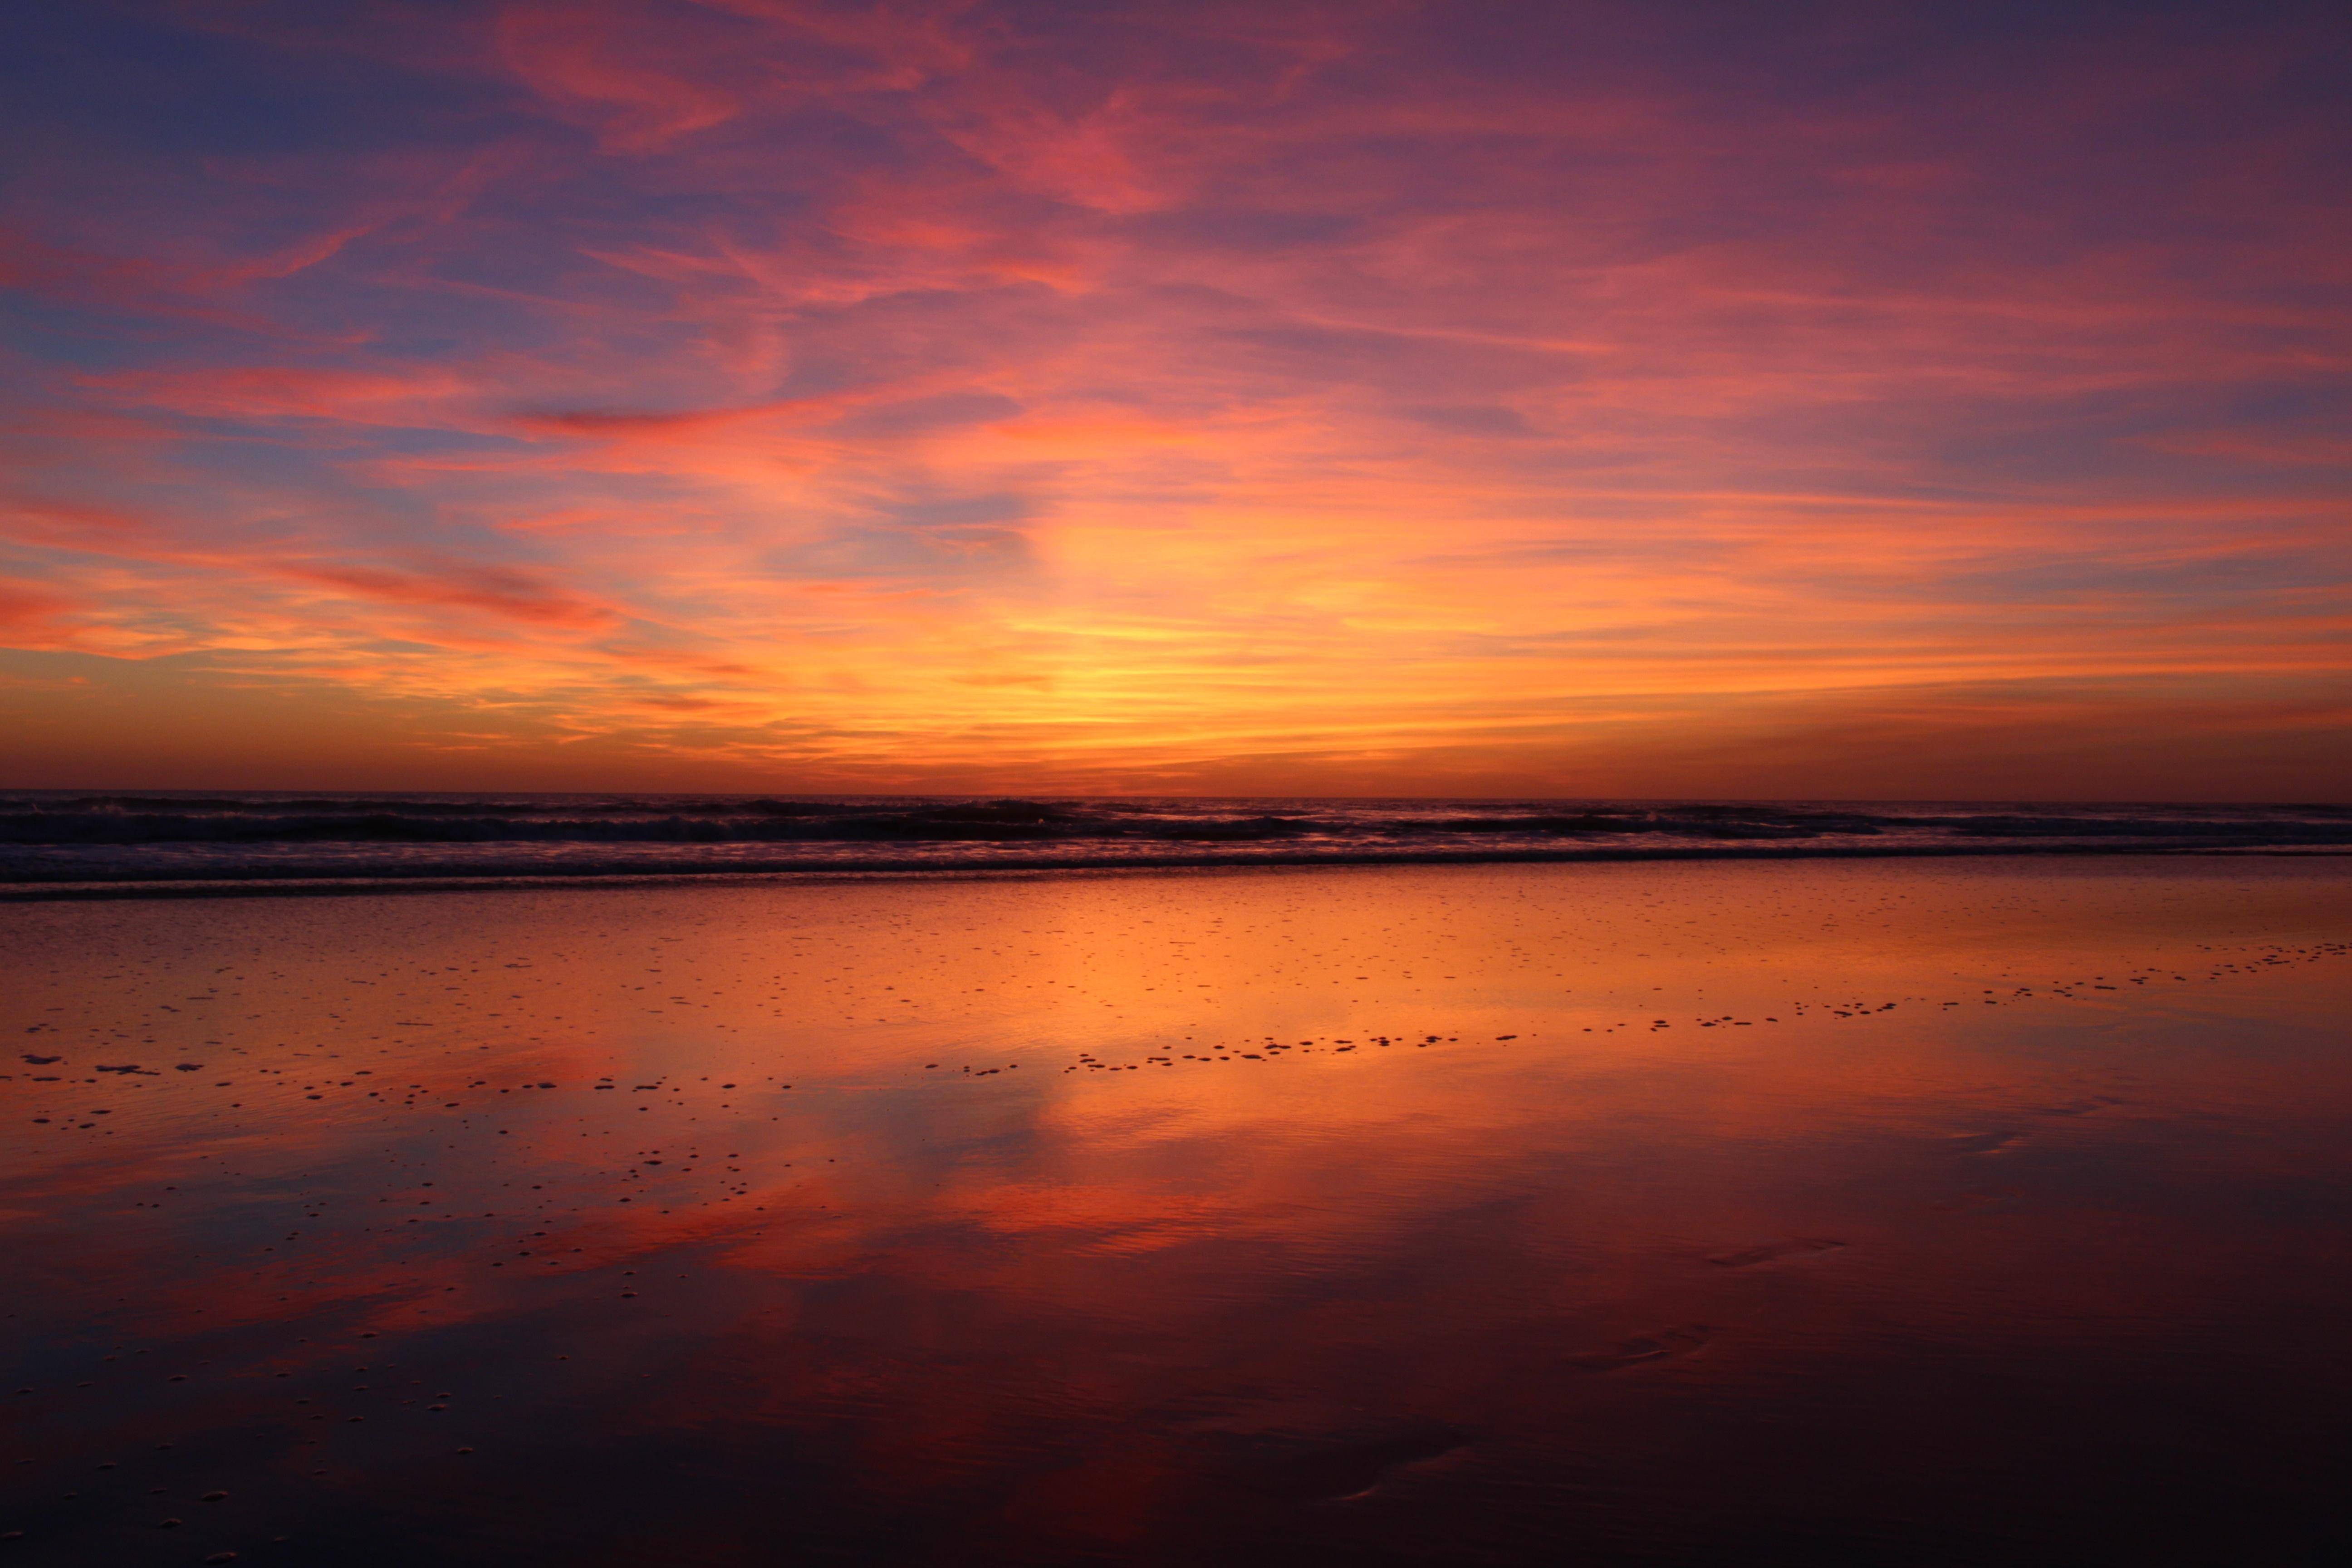 2560x1440 Beach Sunset Evening 4k 1440P Resolution HD 4k ...